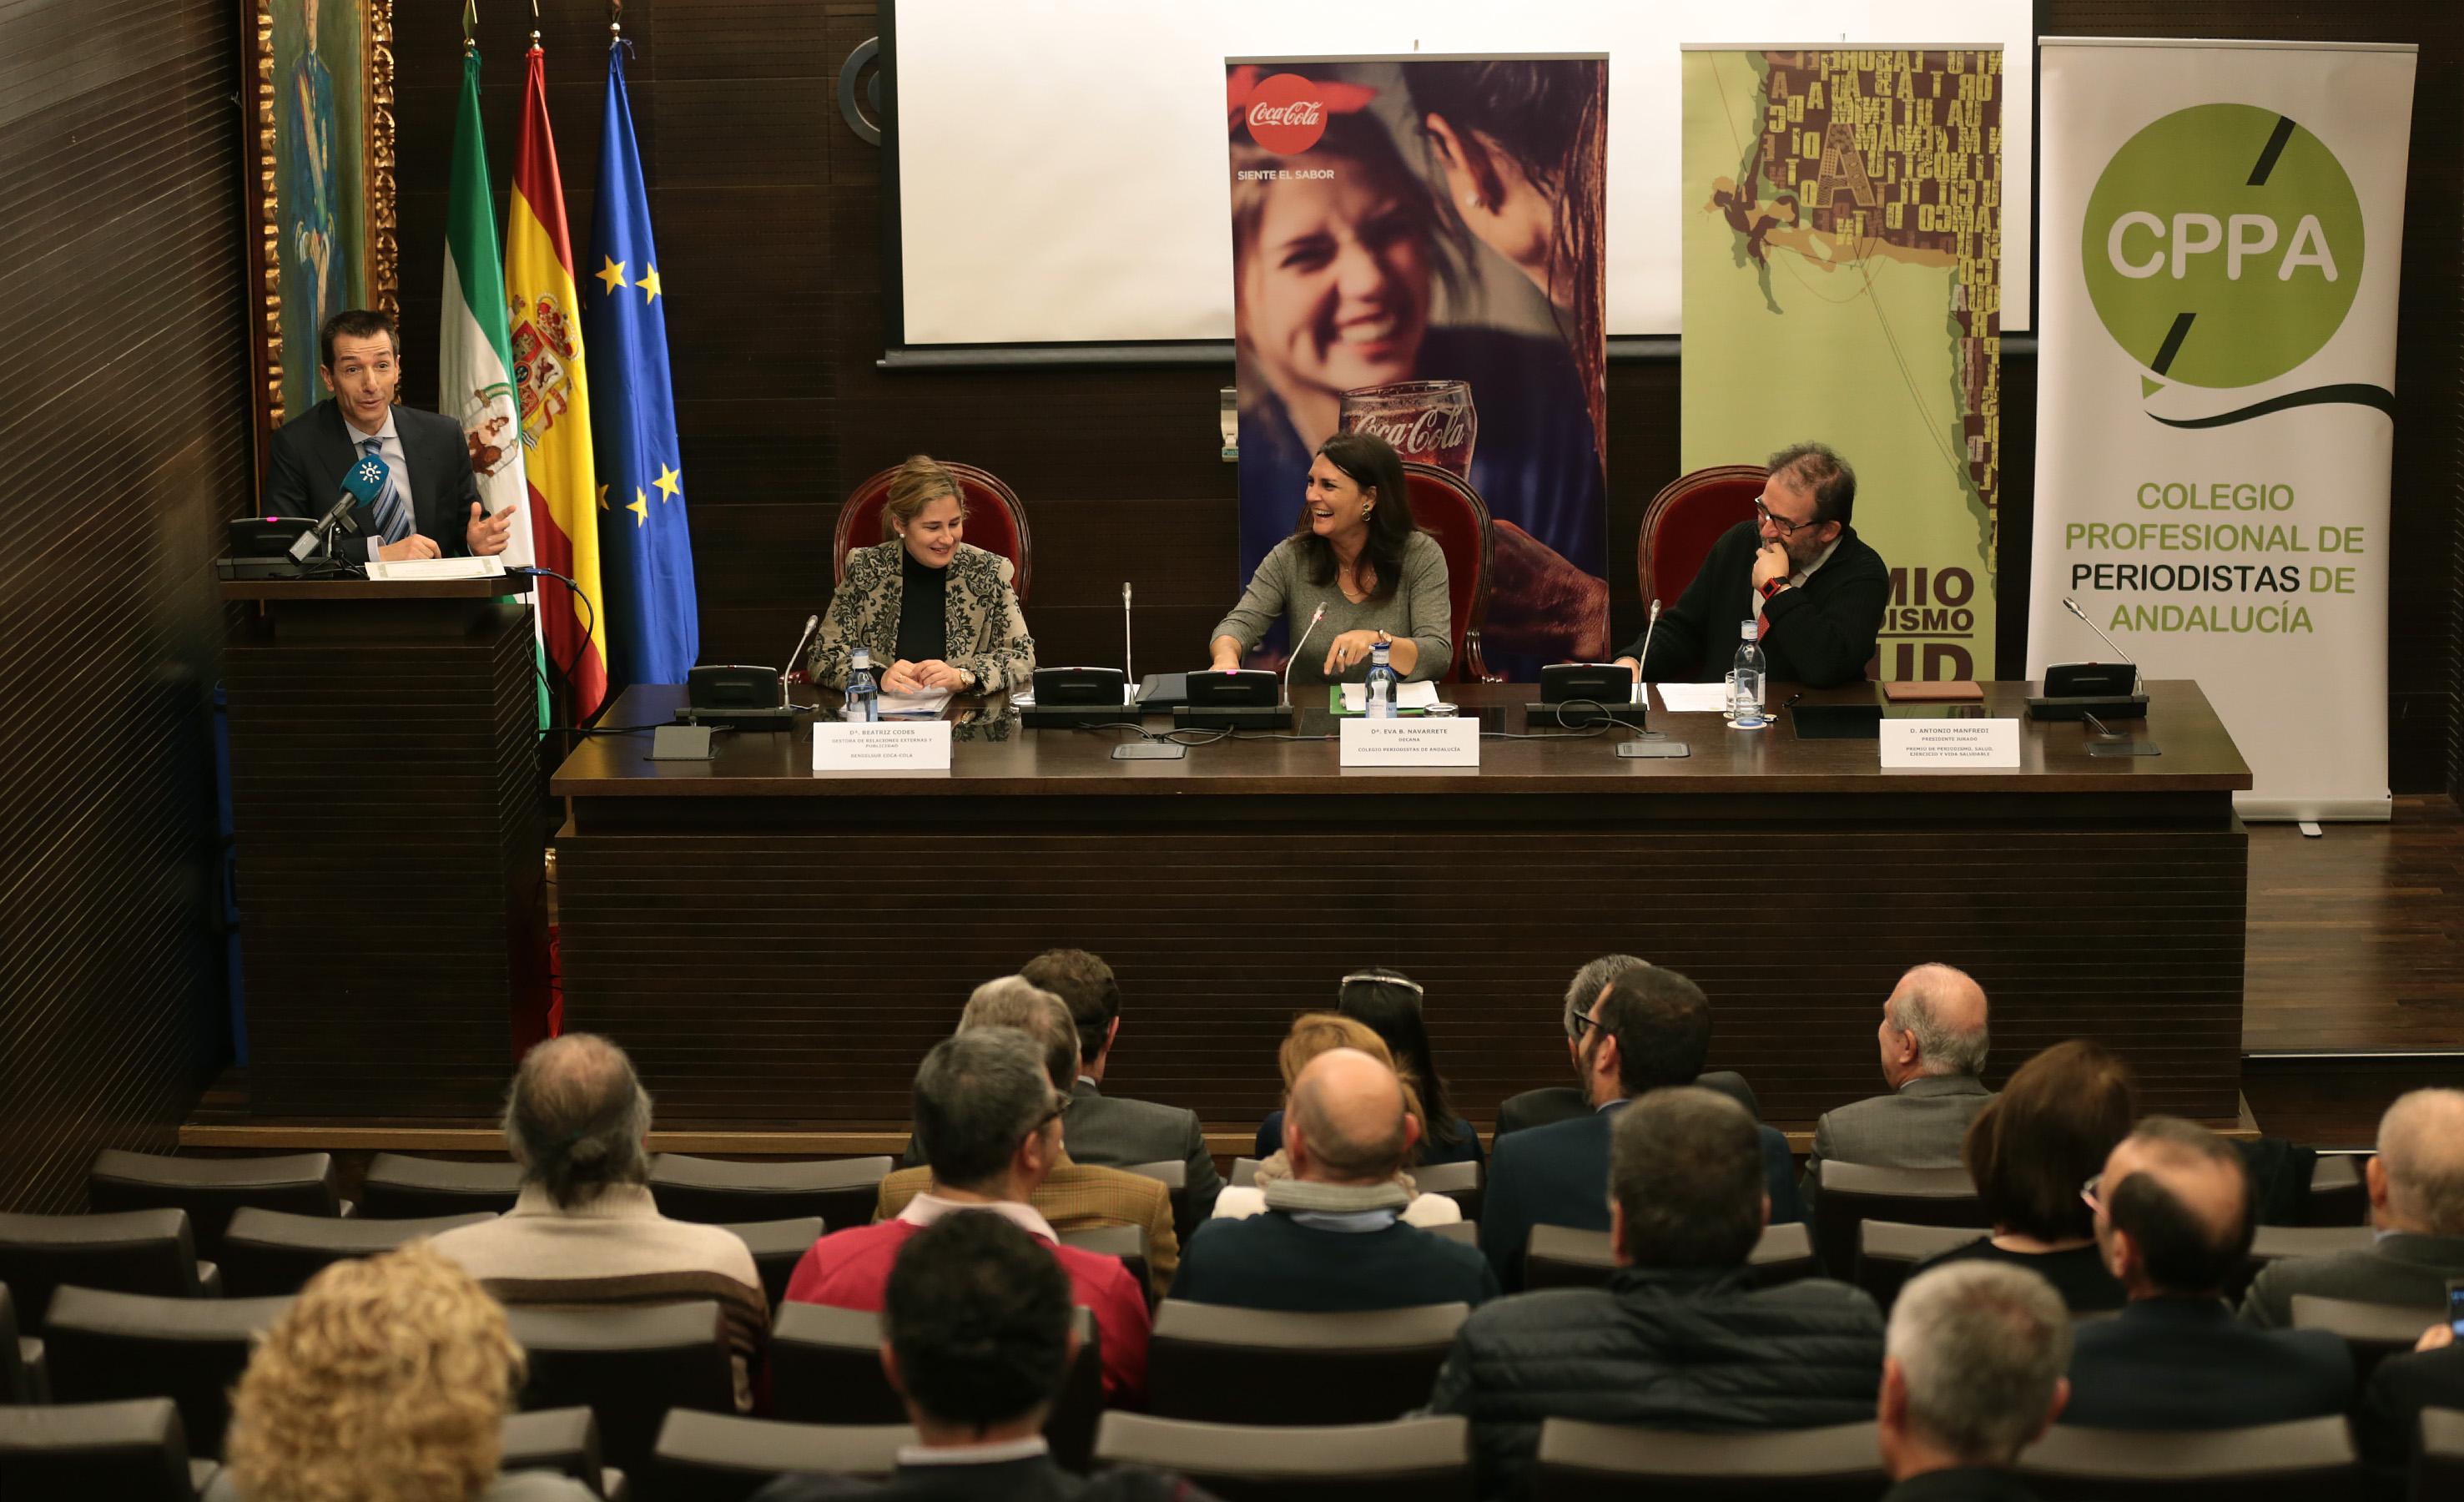 De pie, en la imagen, Roberto Sánchez durante su intervención